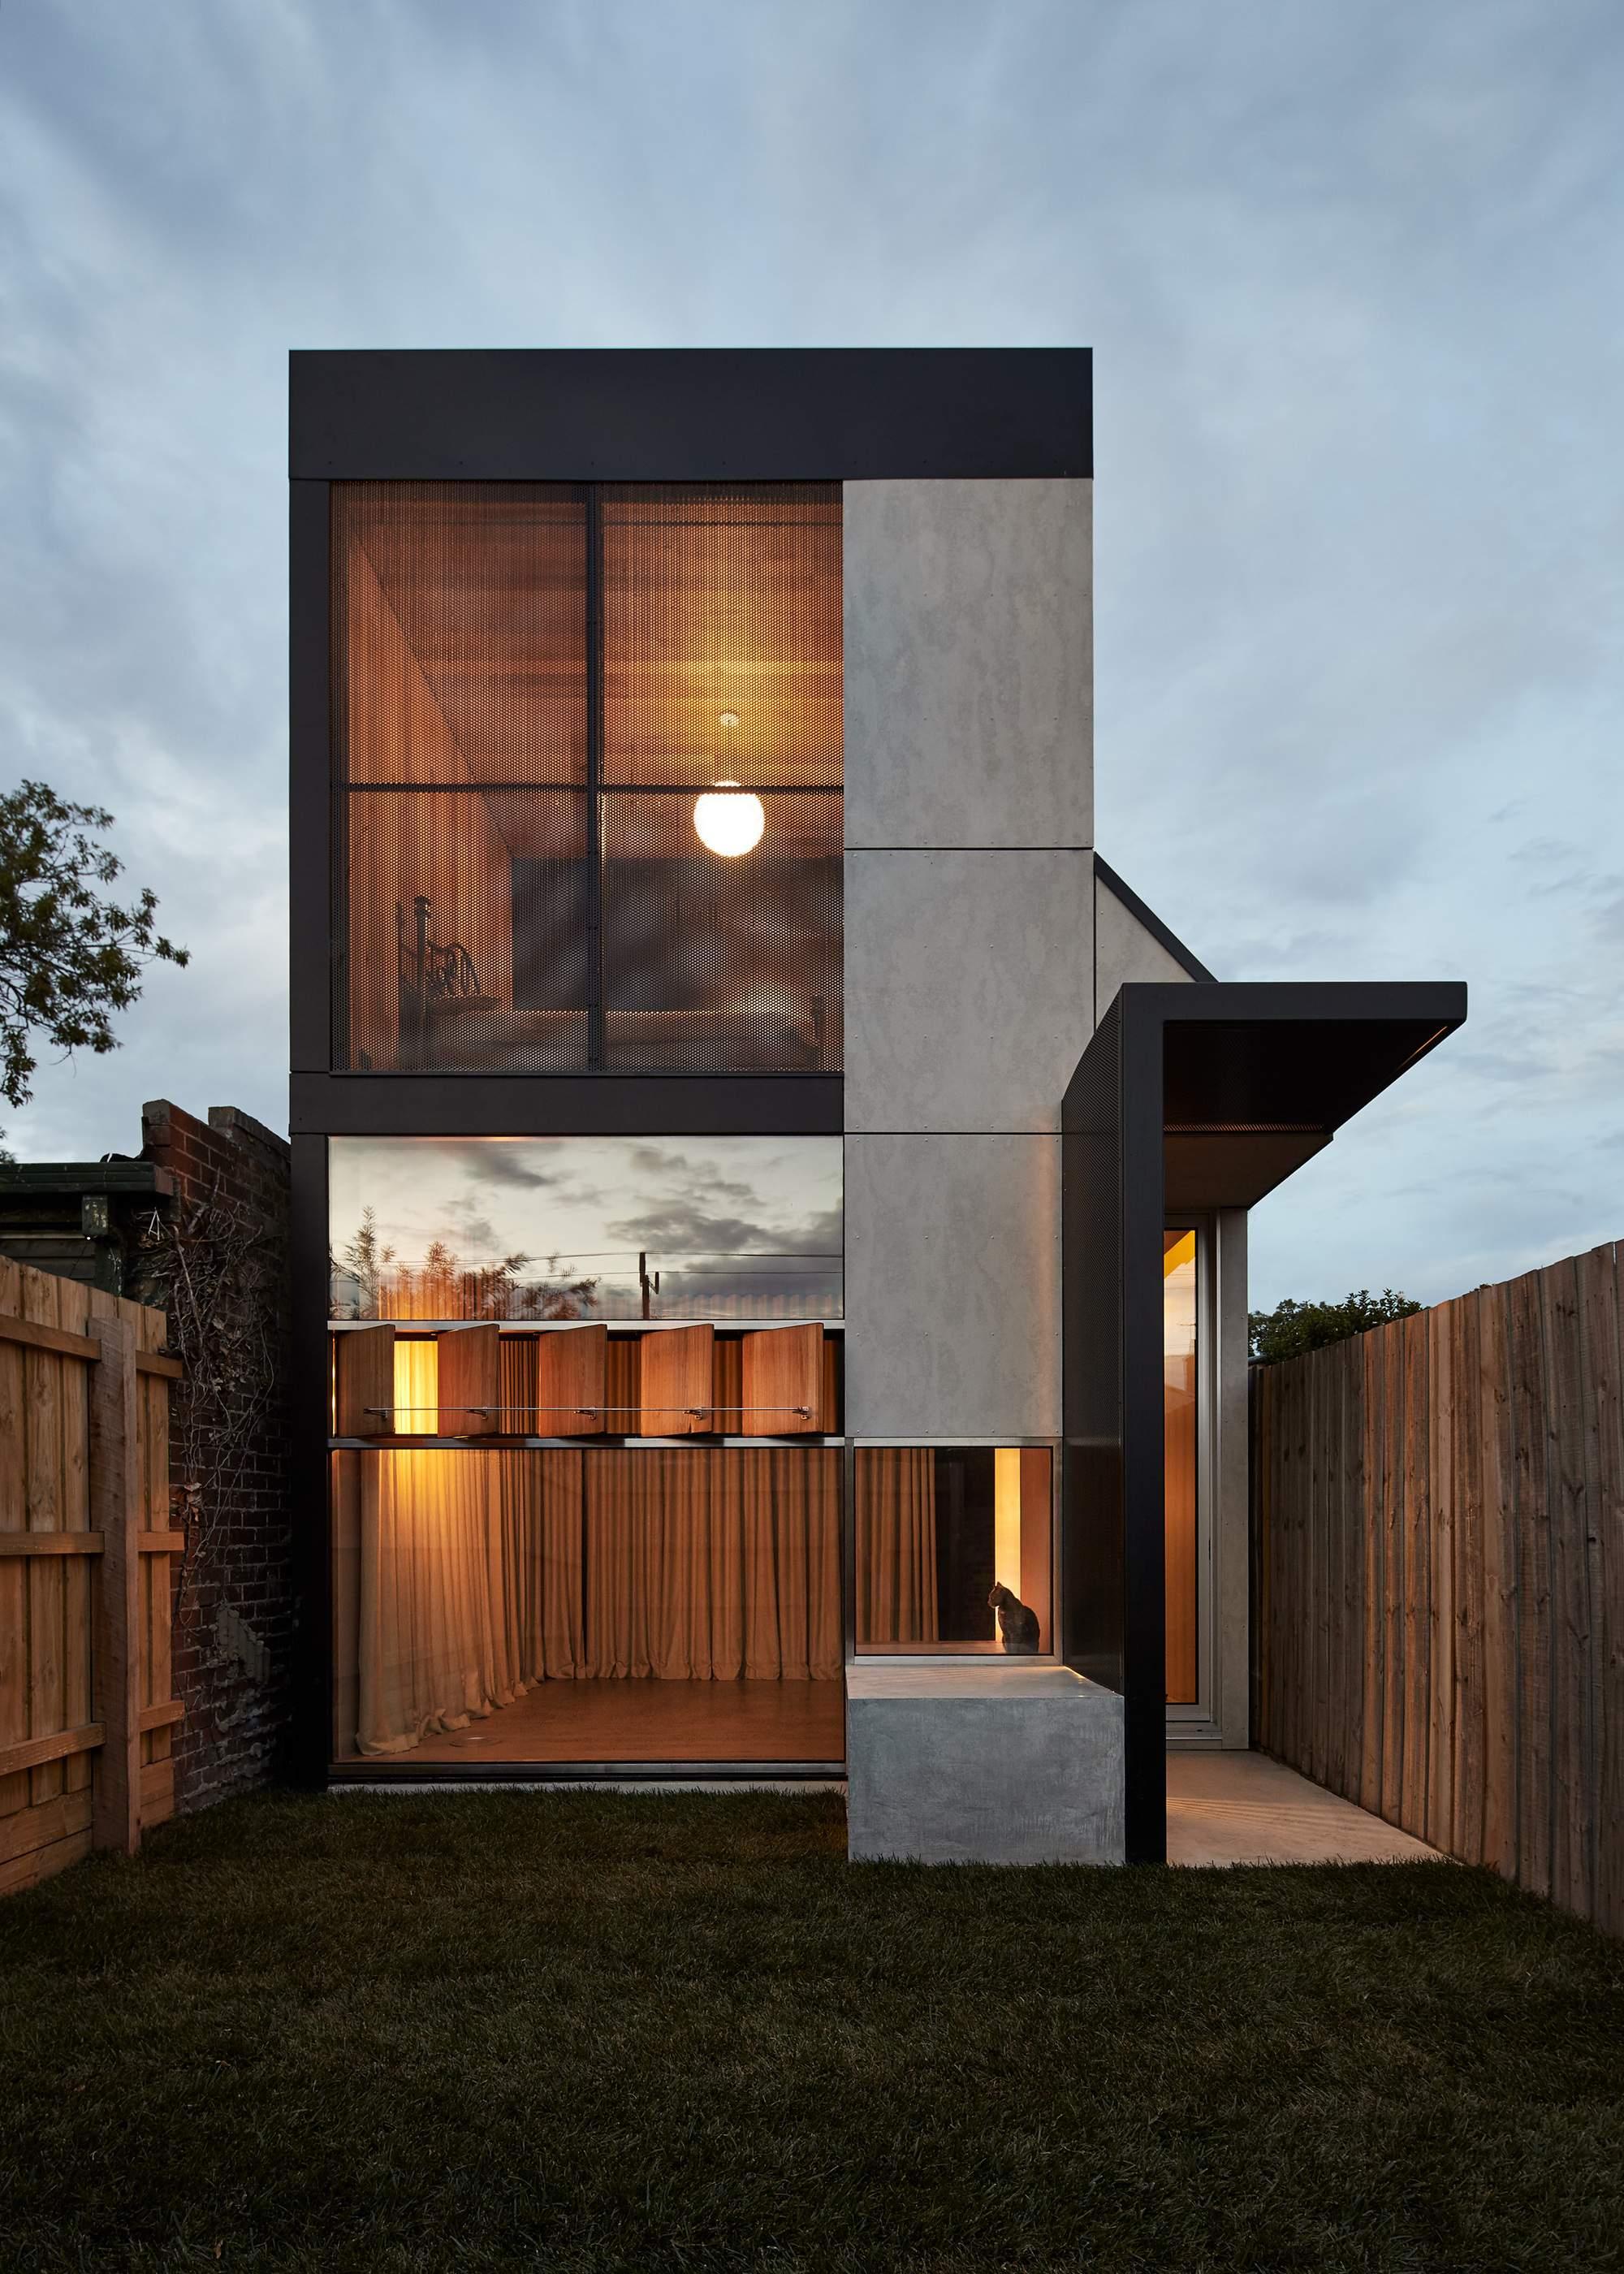 Реконструкция дома от Architecture Architecture в Мельбурне, Австралия